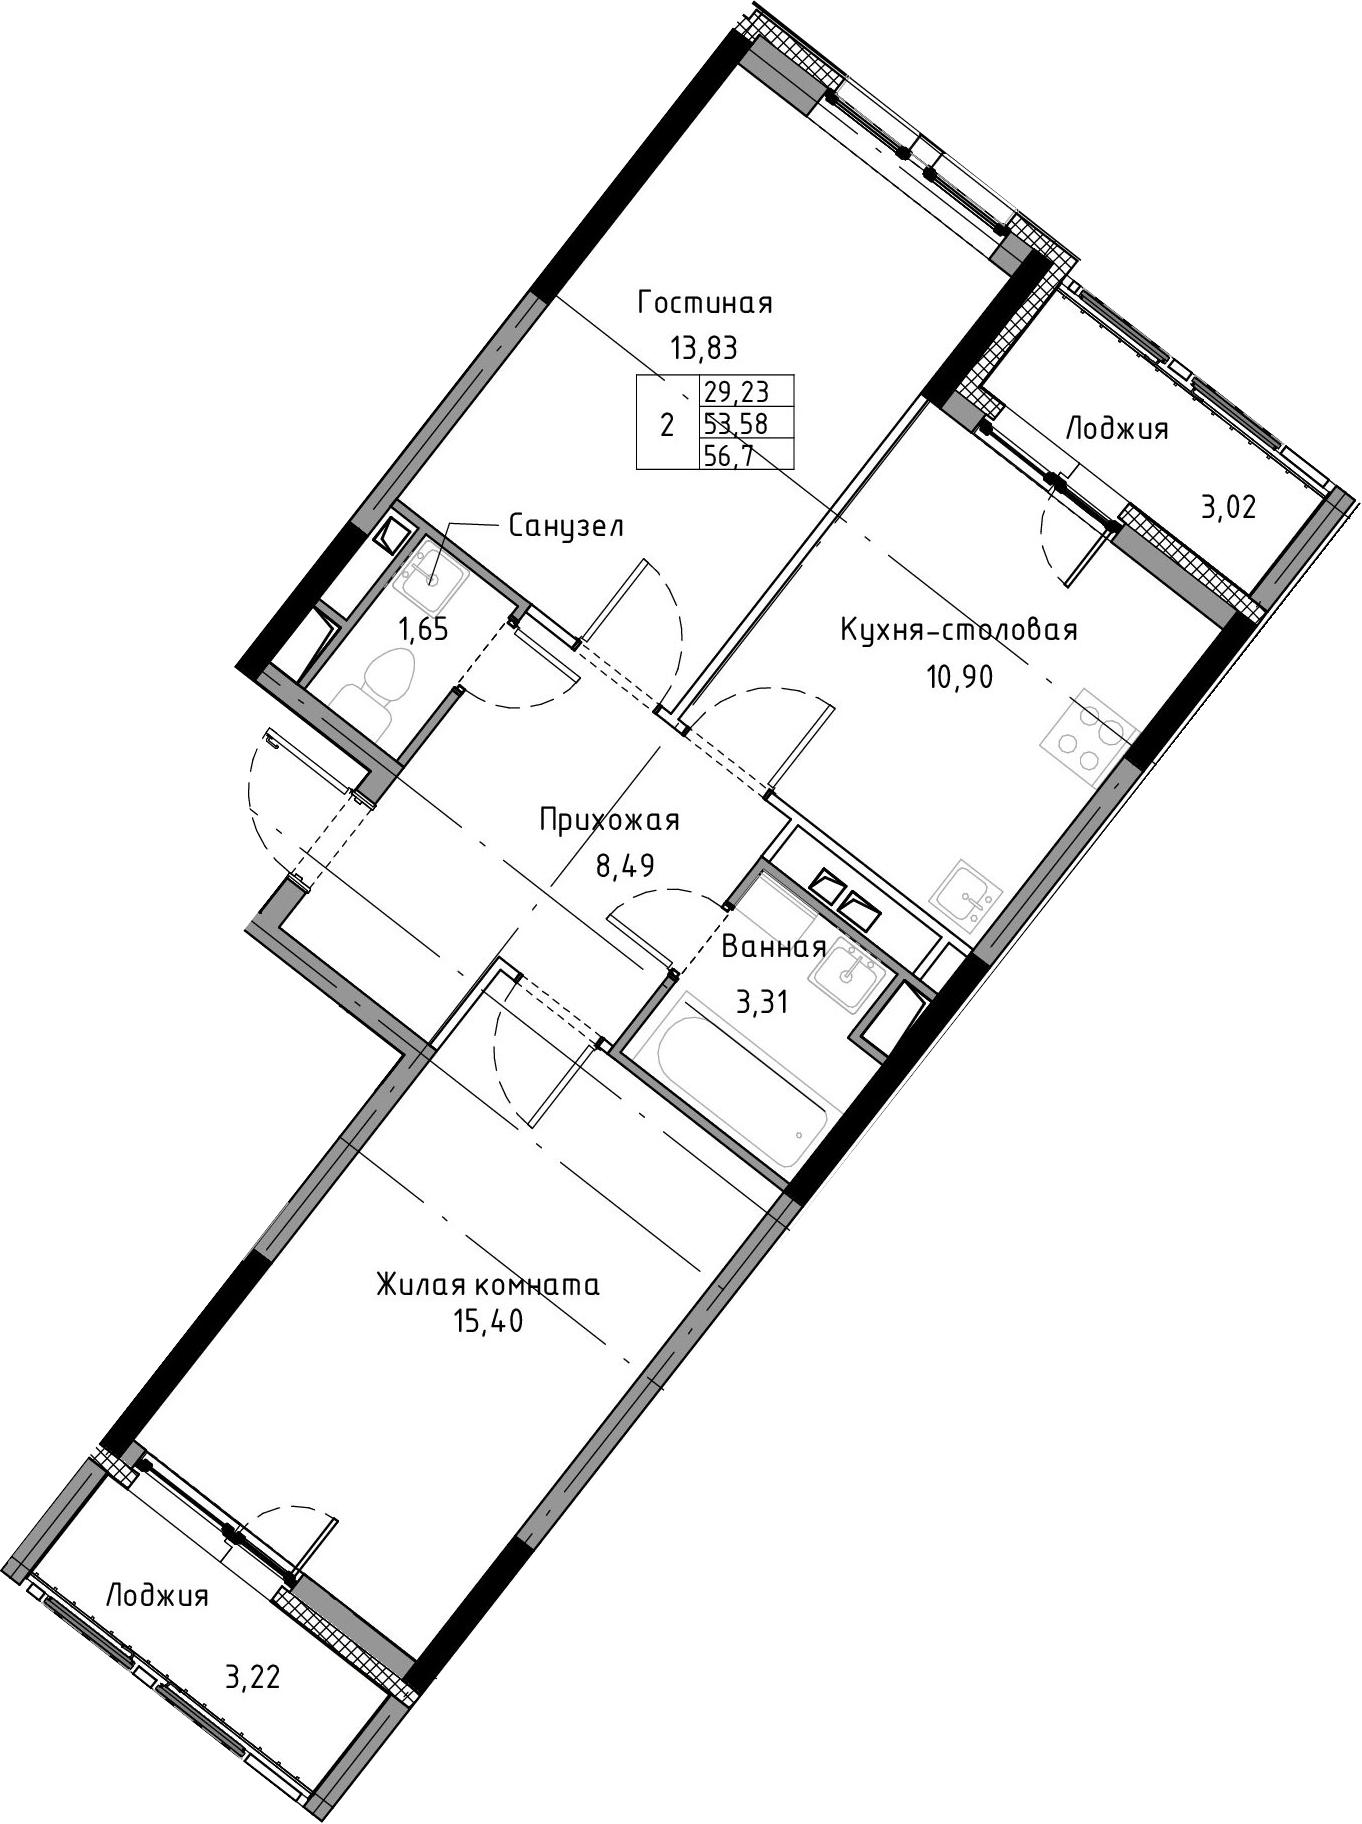 2-к.кв, 56.7 м², 3 этаж